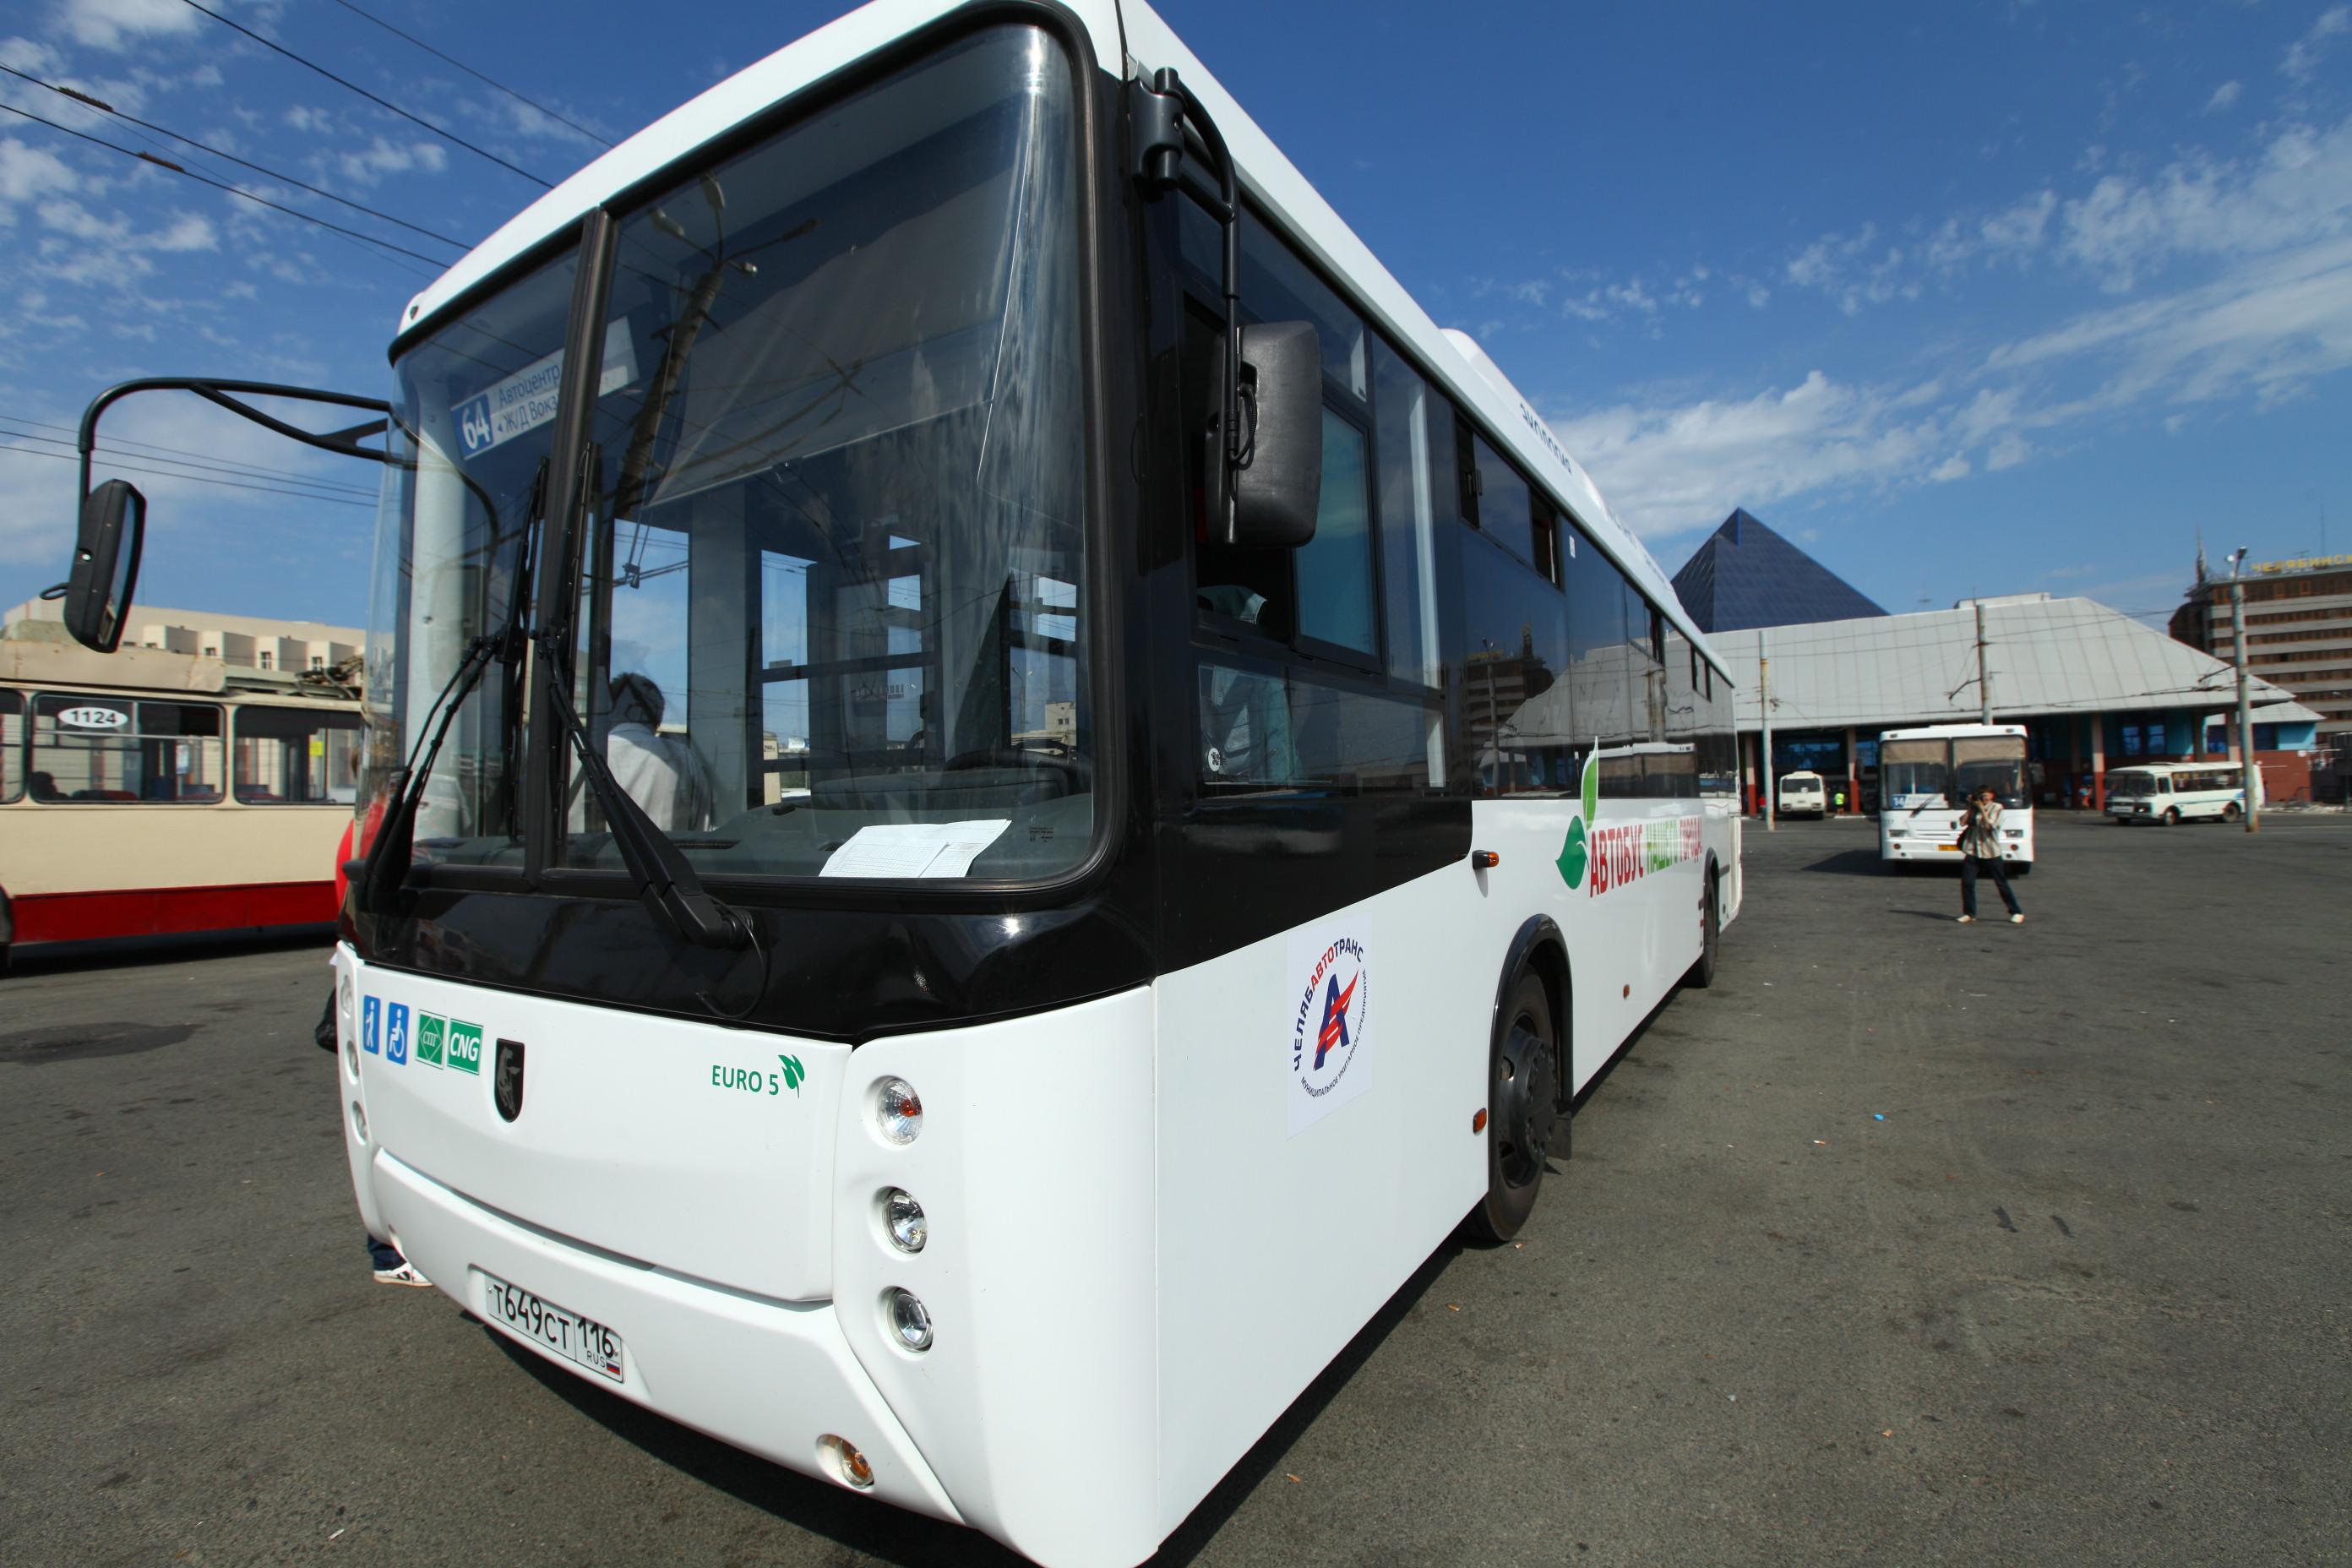 Пока основным потребителем метана является коммерческий транспорт. Так, автобусы на сжатом газе не первый год эксплуатируются в Челябинске